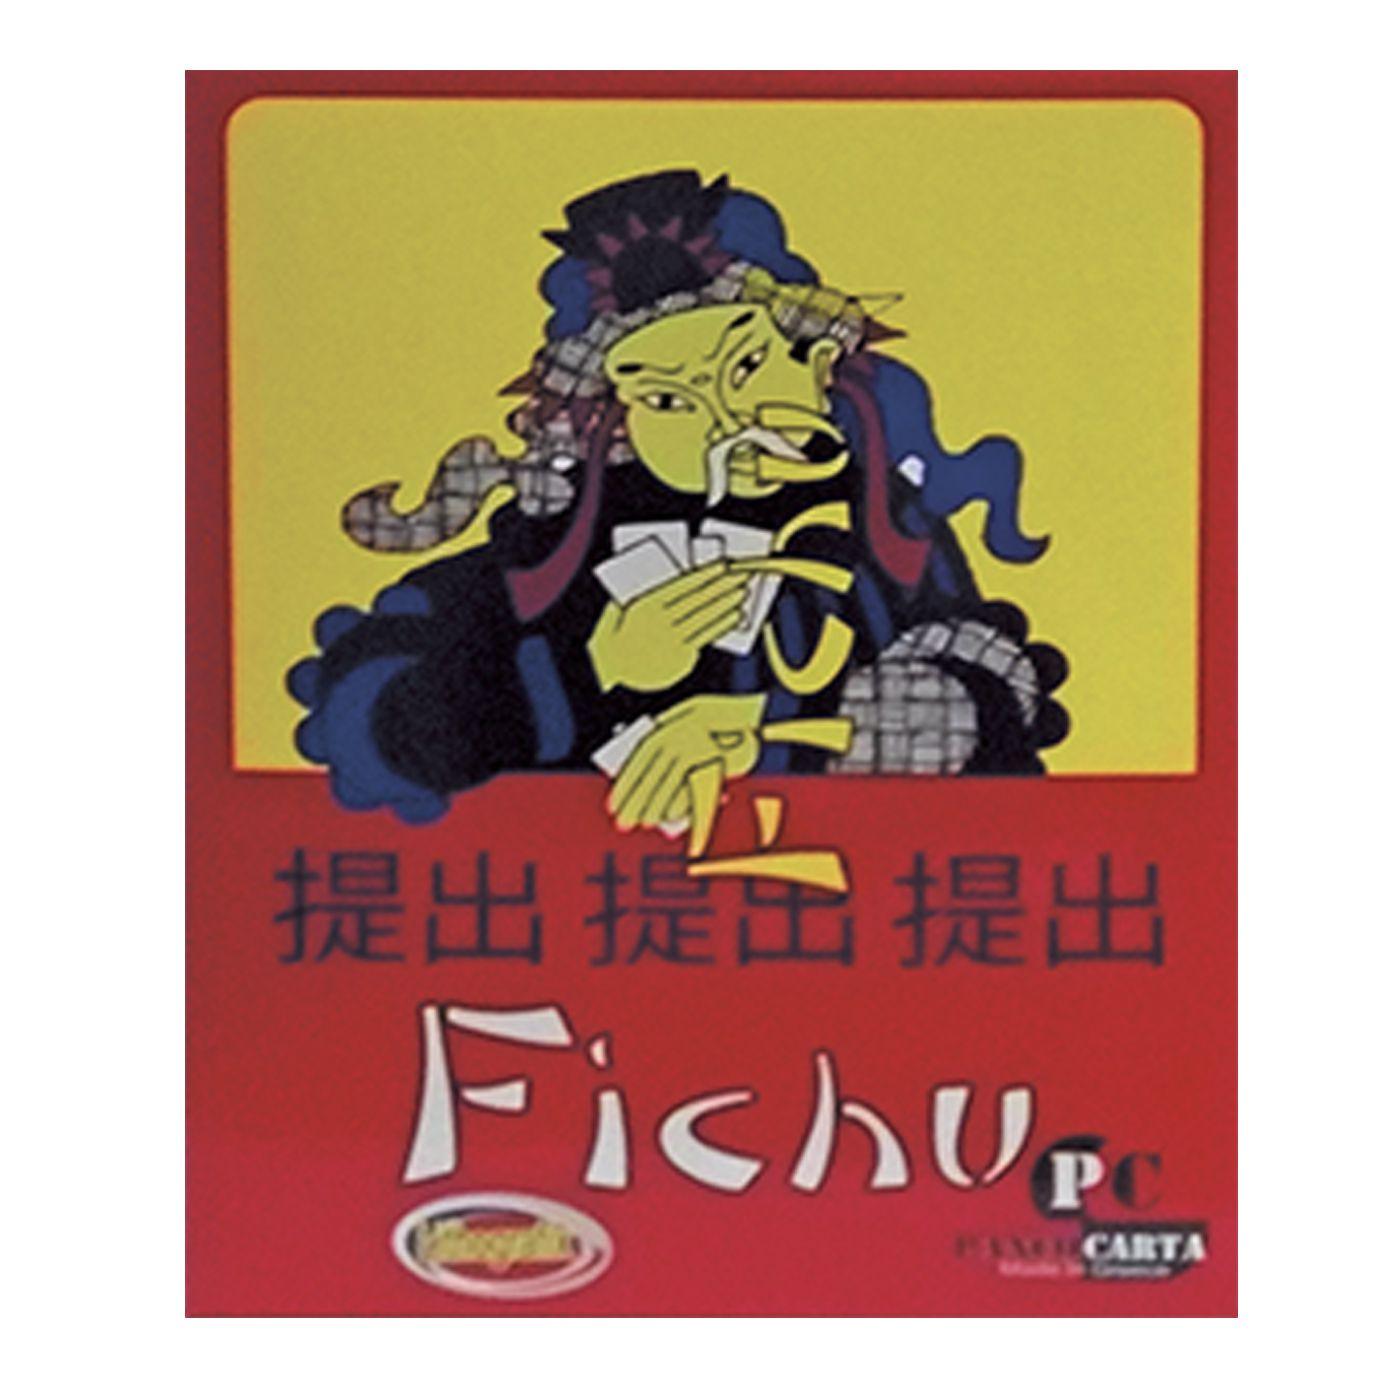 - FICHU 16x20cm - - - - 69-1549 παιχνίδια   επιτραπέζια   επιτραπέζια παιχνίδια